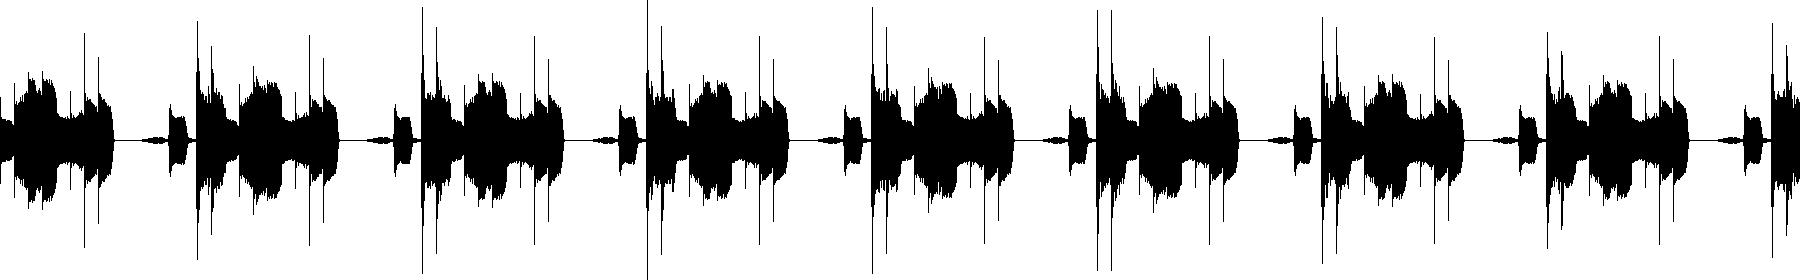 dts chordlp 33 g